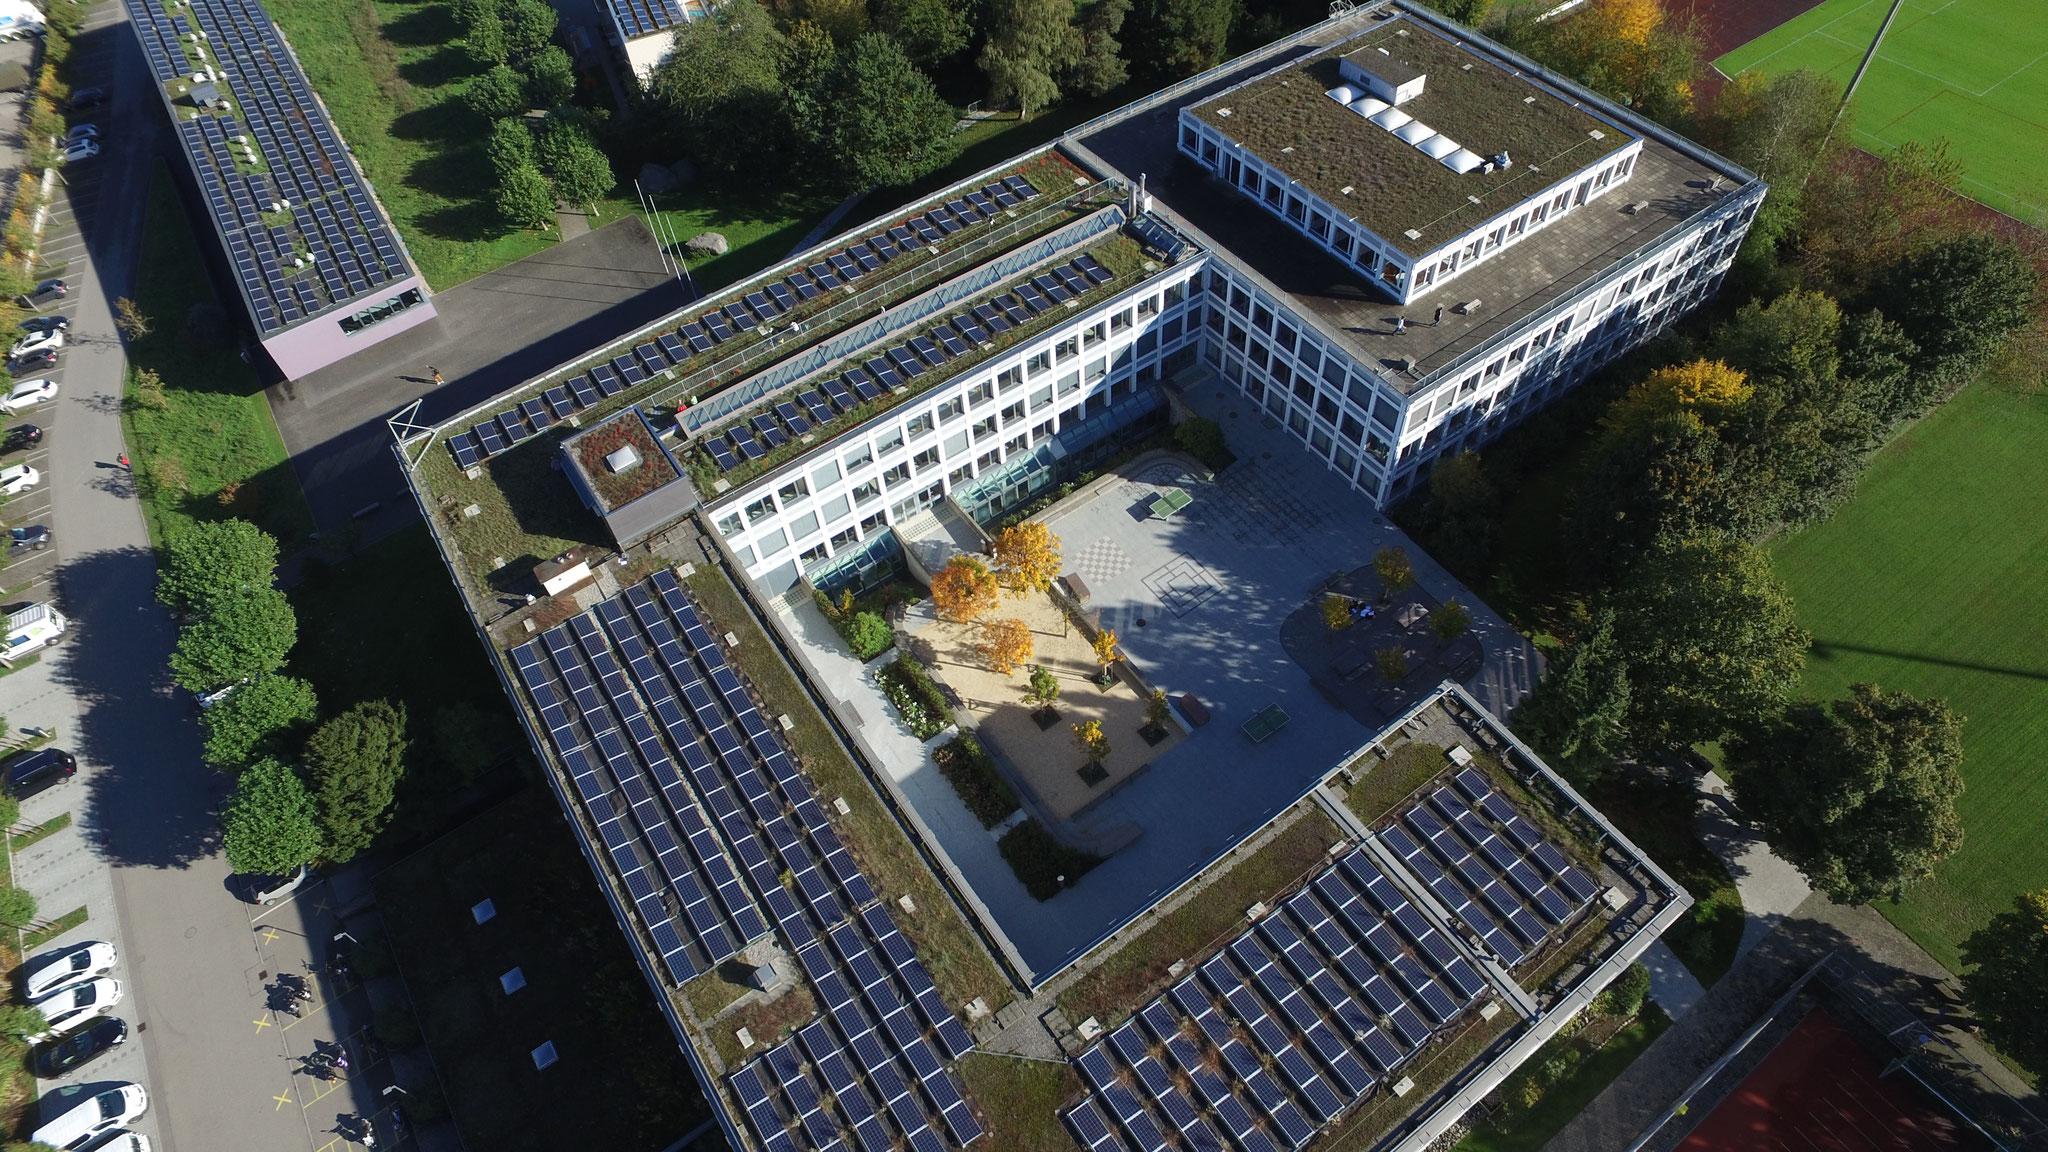 Gebäudeanalyse mit Sanierungsempfehlung,antonsschule Sursee